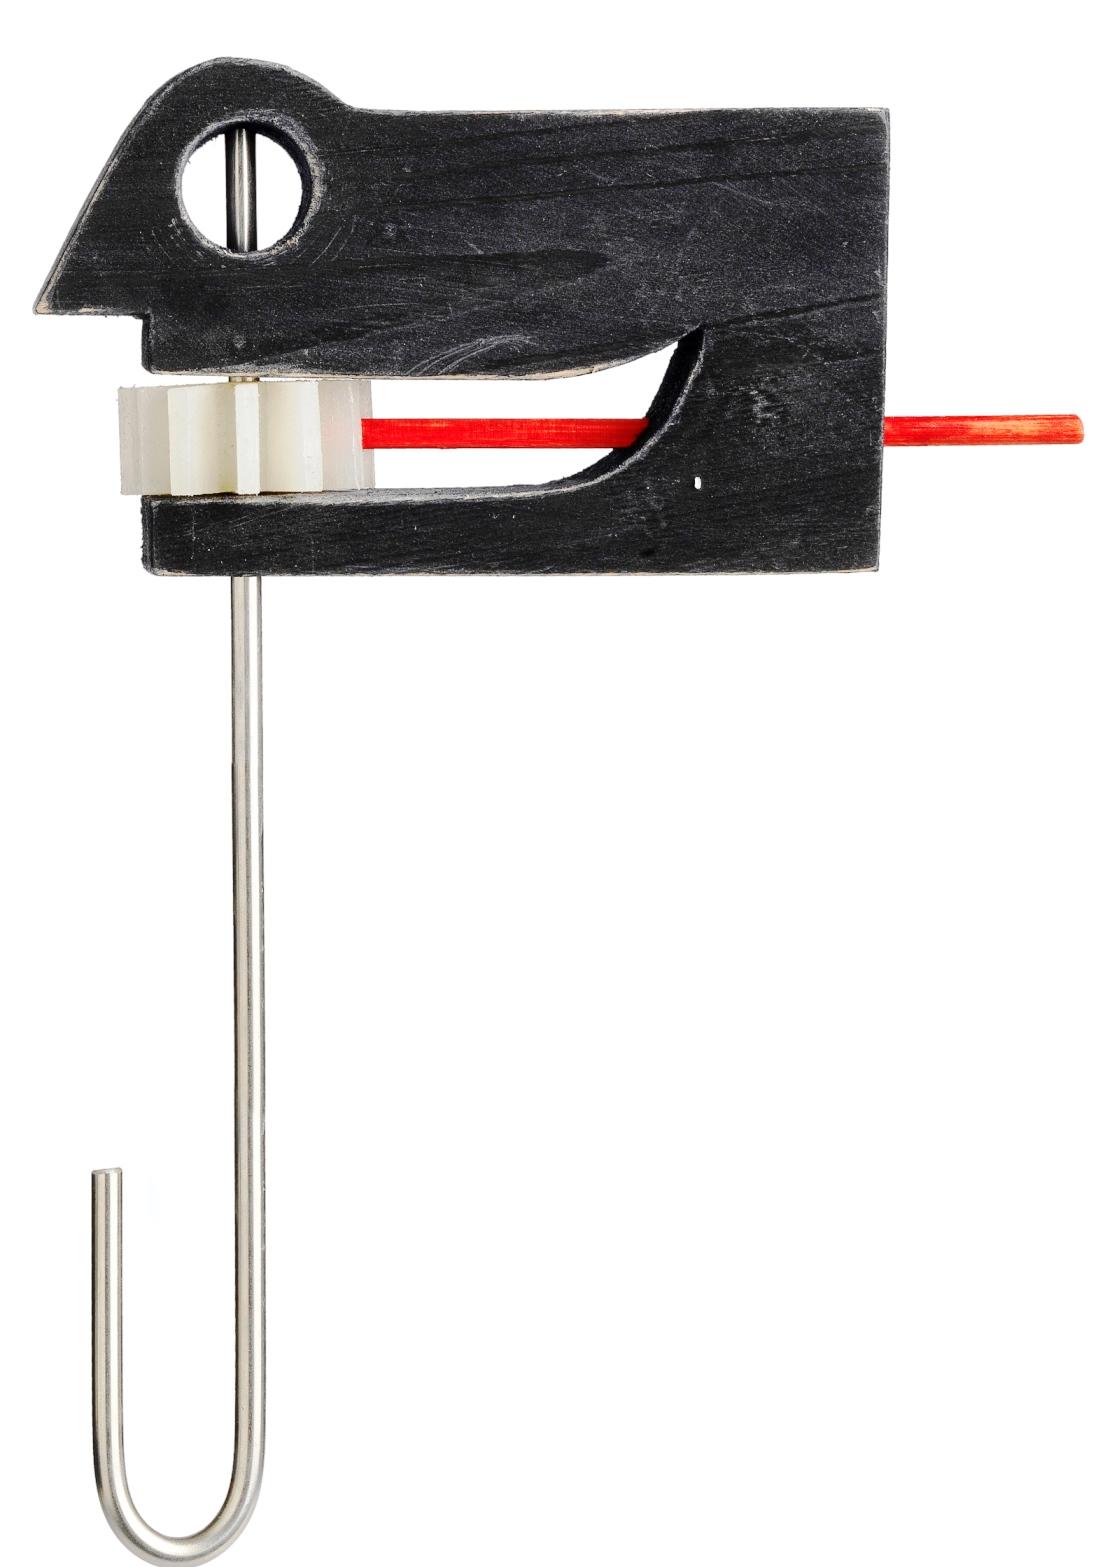 """מוזיאון ישראל בירושלים. תערוכת """"רעשנים רועשים"""" של יעקב קופמן וסדנת רעשנים באגף הנוער,"""